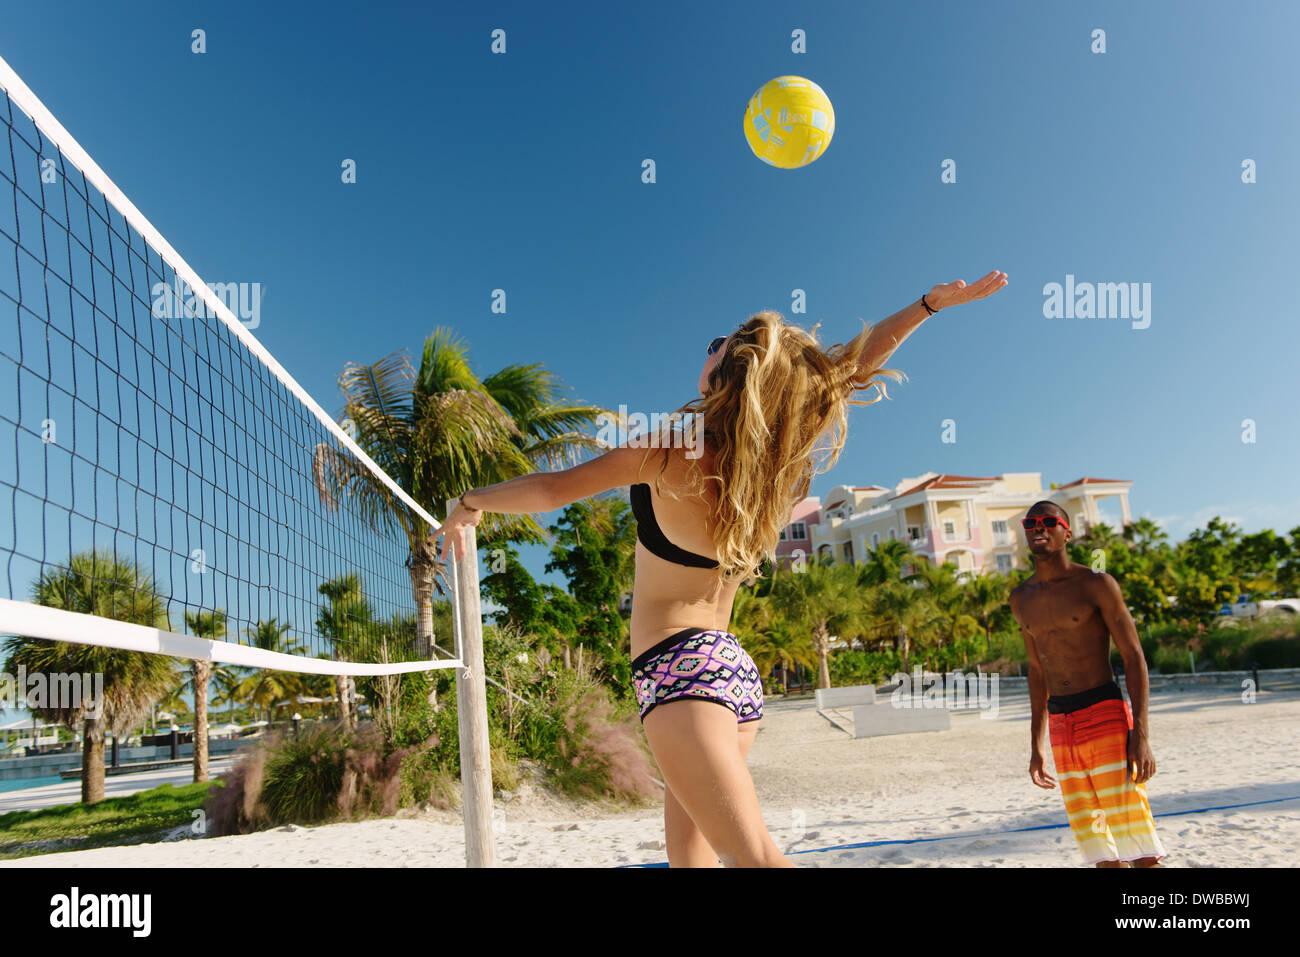 Adultos jóvenes amigos jugando voleibol de playa, Providenciales, Islas Turcas y Caicos, Caribe Imagen De Stock